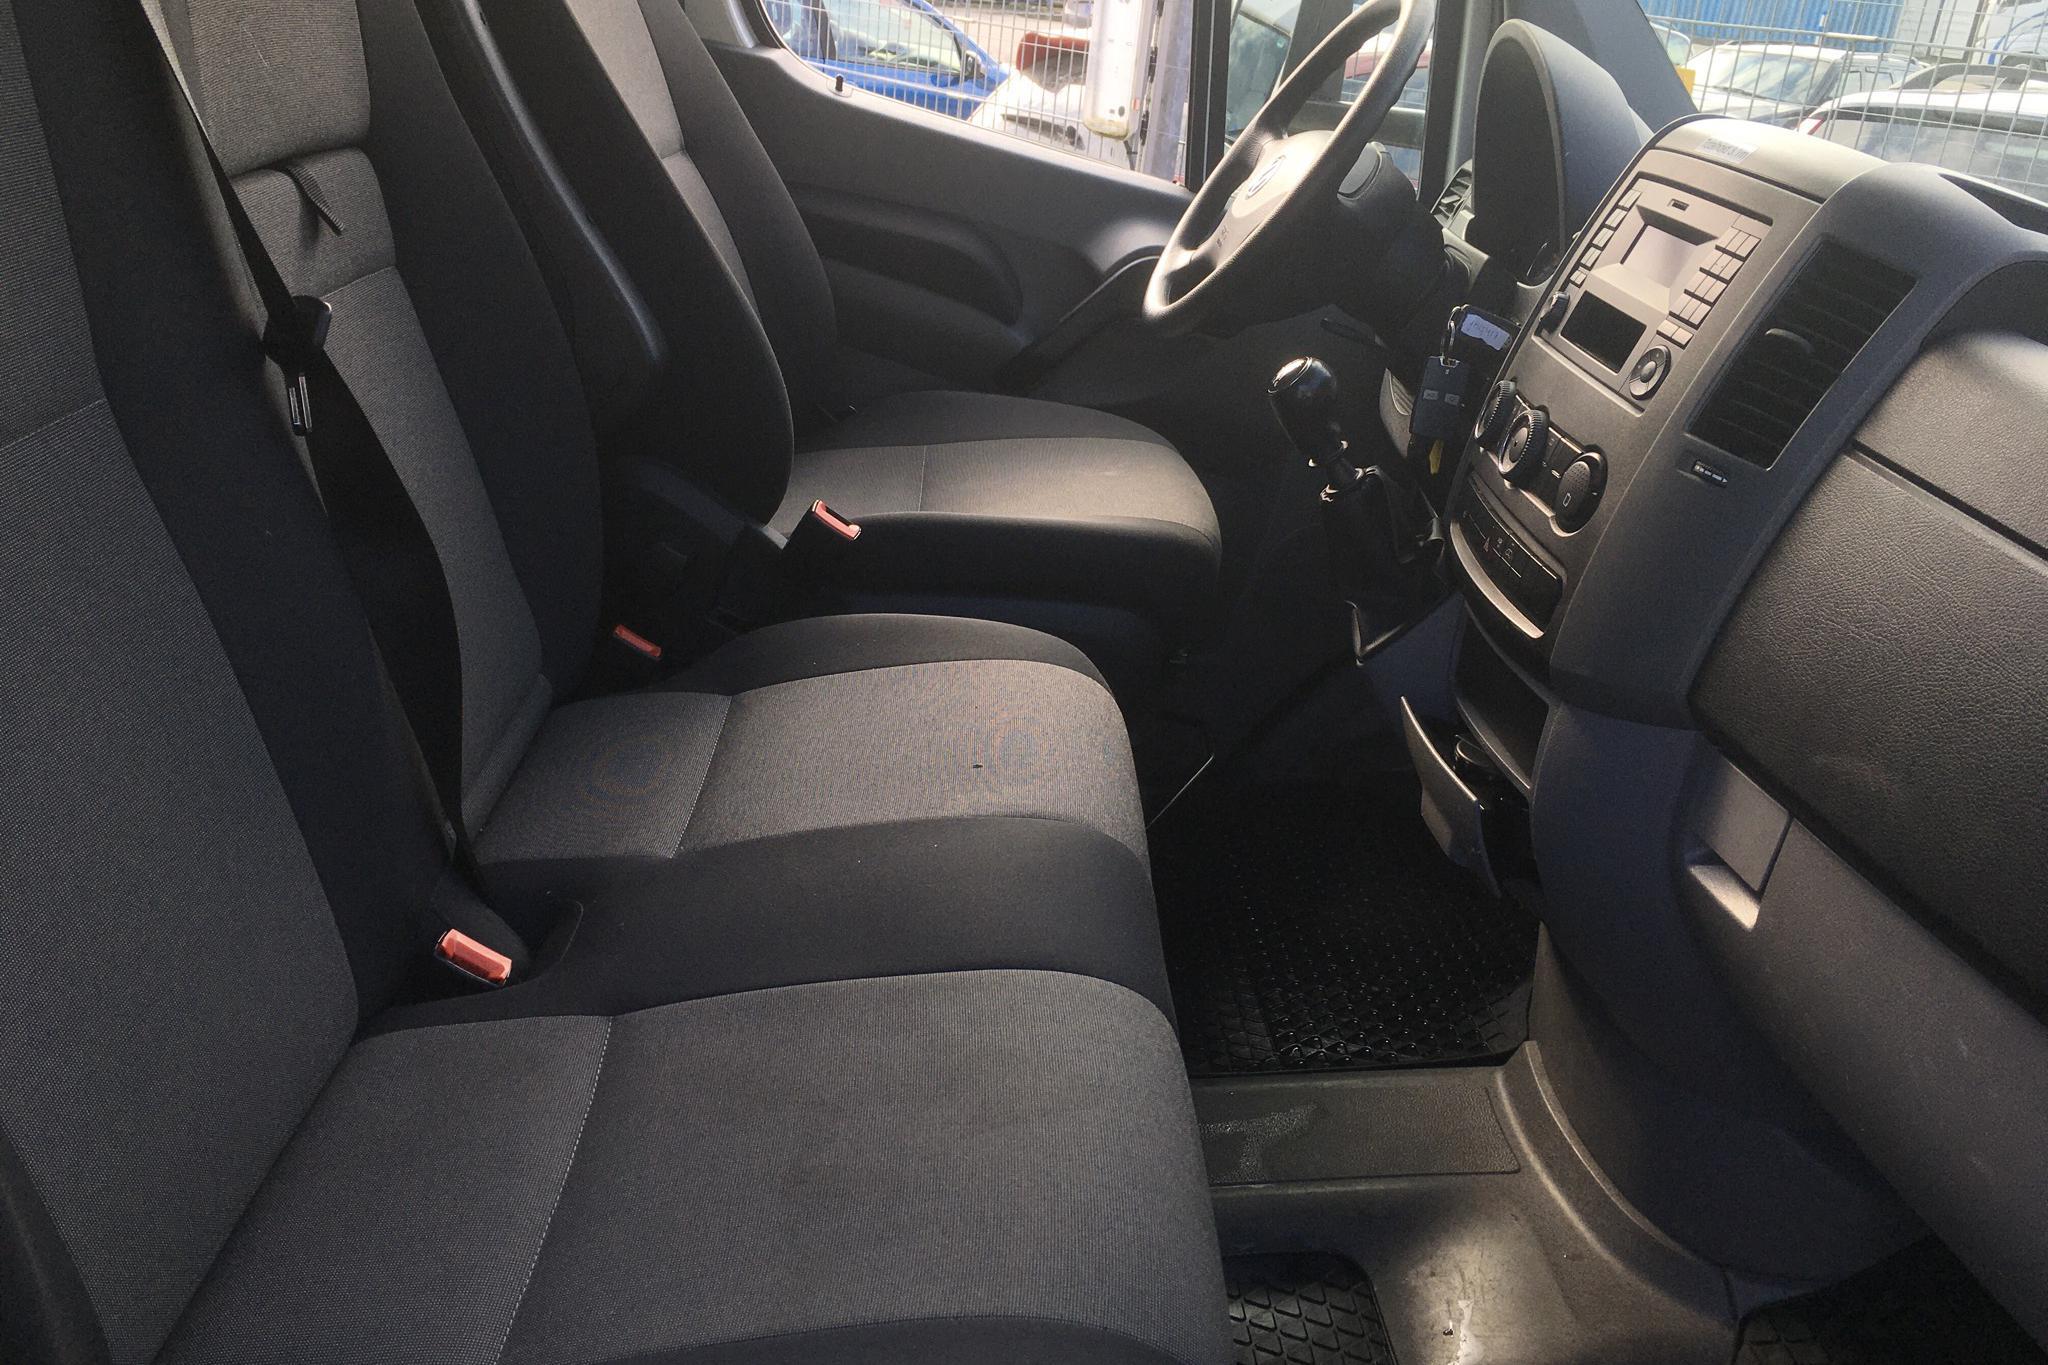 VW Crafter 35 2.0 TDI Volymskåp (163hk) - 7 136 mil - Manuell - vit - 2016